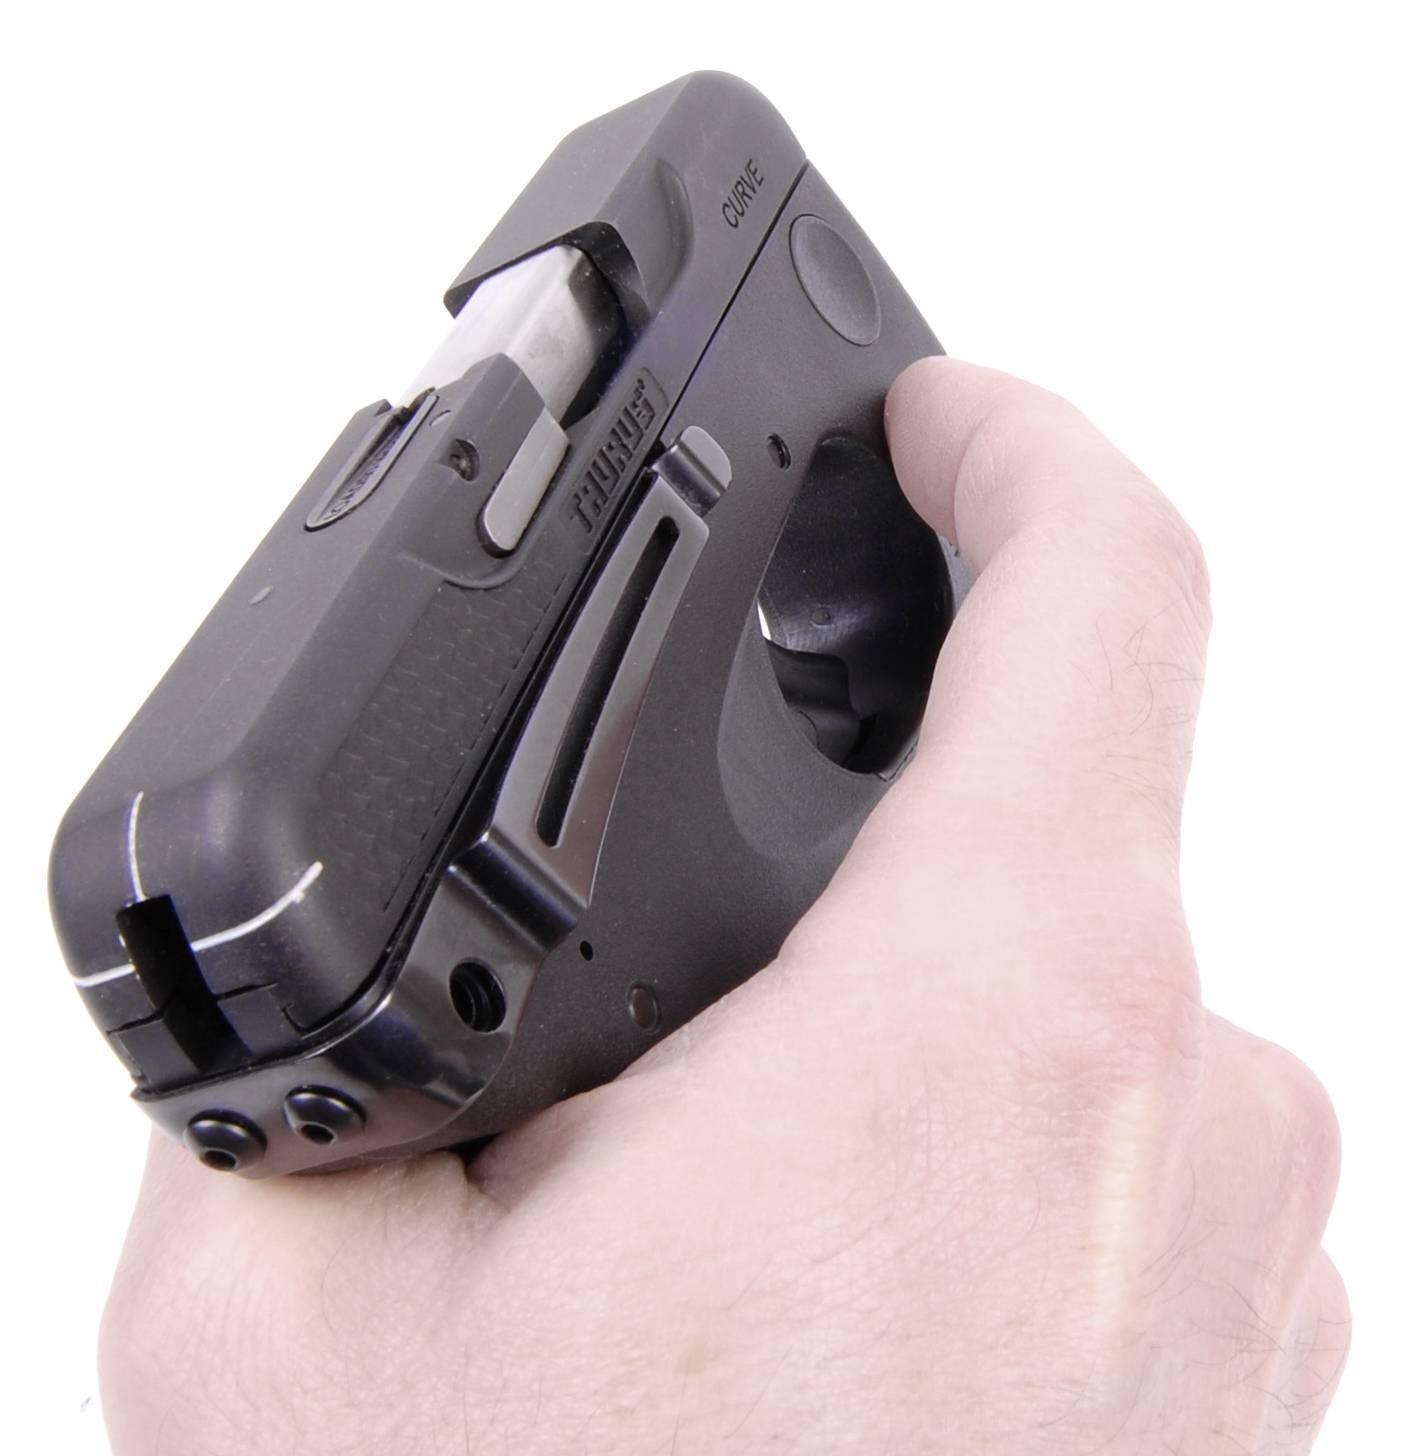 Боевые пистолеты фирмы: taurus, feg, zamorana статьи про оружие и об оружии. каталог оружия. литература про оружие